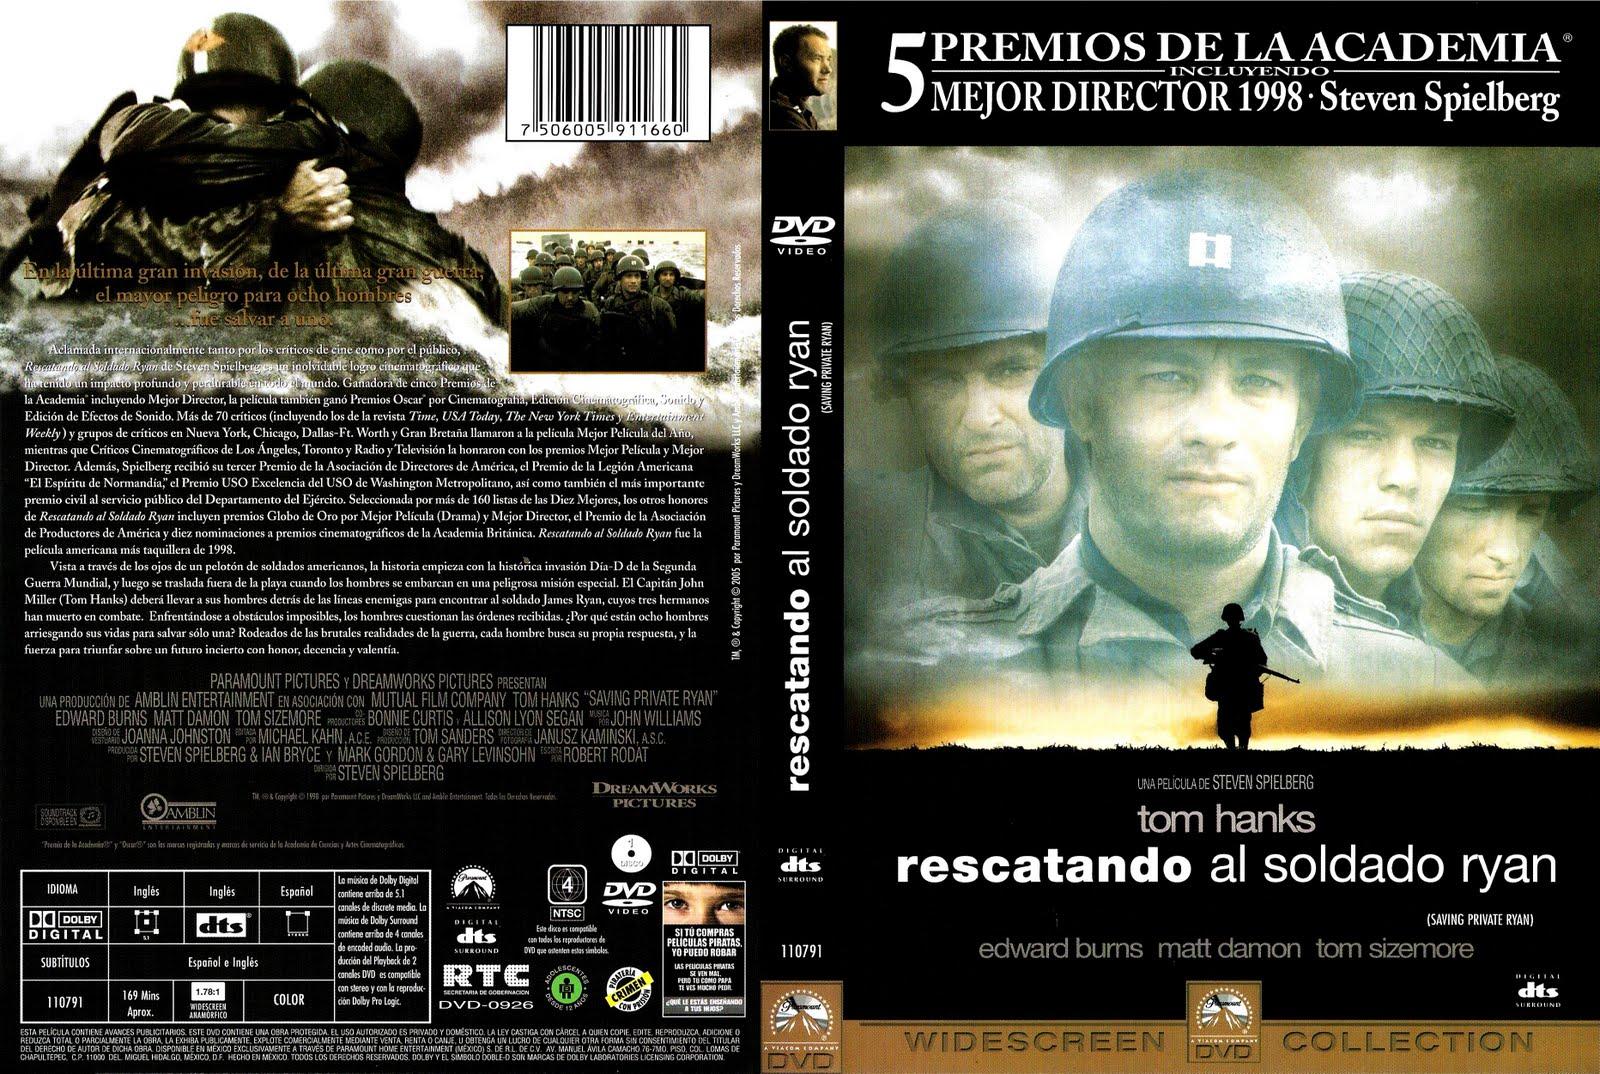 http://4.bp.blogspot.com/_paol8c9PulI/S9l_e4QduCI/AAAAAAAAEls/8z7tKxb7QRo/s1600/Rescatando_Al_Soldado_Ryan__-_Region_4_por_fable.jpg